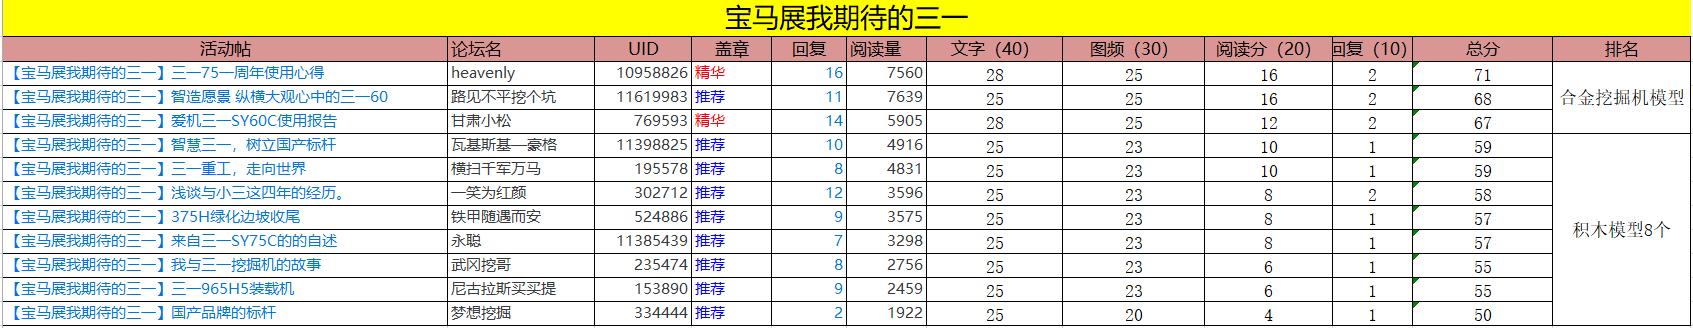 【获奖公布】宝马展三一征文活动获奖名单